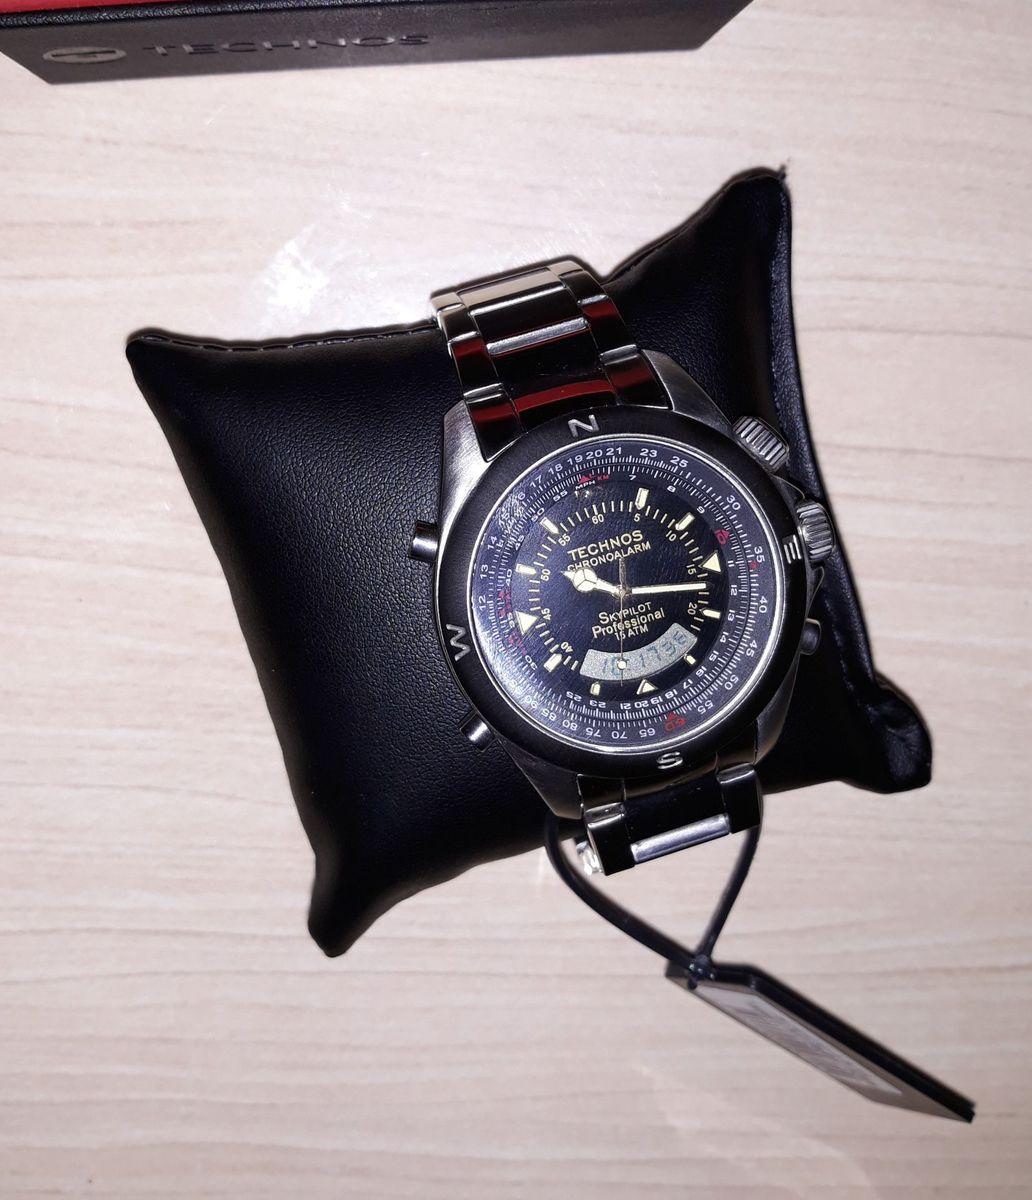 bf295527cfb relogio technos skydive - relógios technos.  Czm6ly9wag90b3muzw5qb2vplmnvbs5ici9wcm9kdwn0cy84mdk0ota2lzrimjuyzdc3owy0mdq1nze0nzu3ztdjmzy4nmjkmjg2lmpwzw  ...